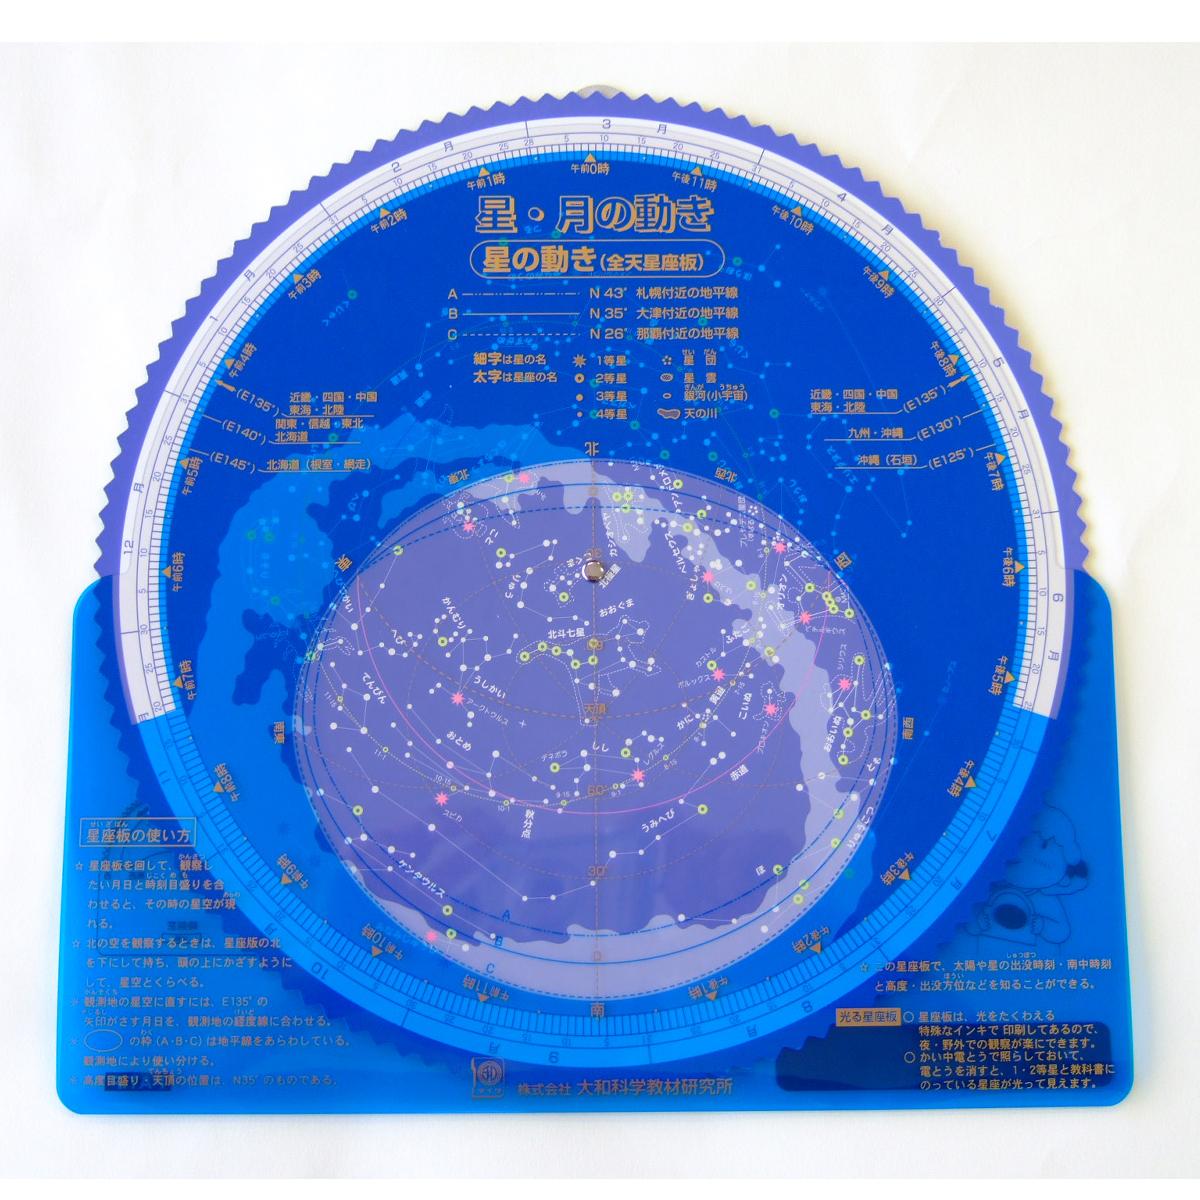 光る!星座板 星・月の動き 星座盤 おすすめ 星座 天体観測 子供 星の動き 月の動き 夏休み 自由研究 小学生 科学 理科